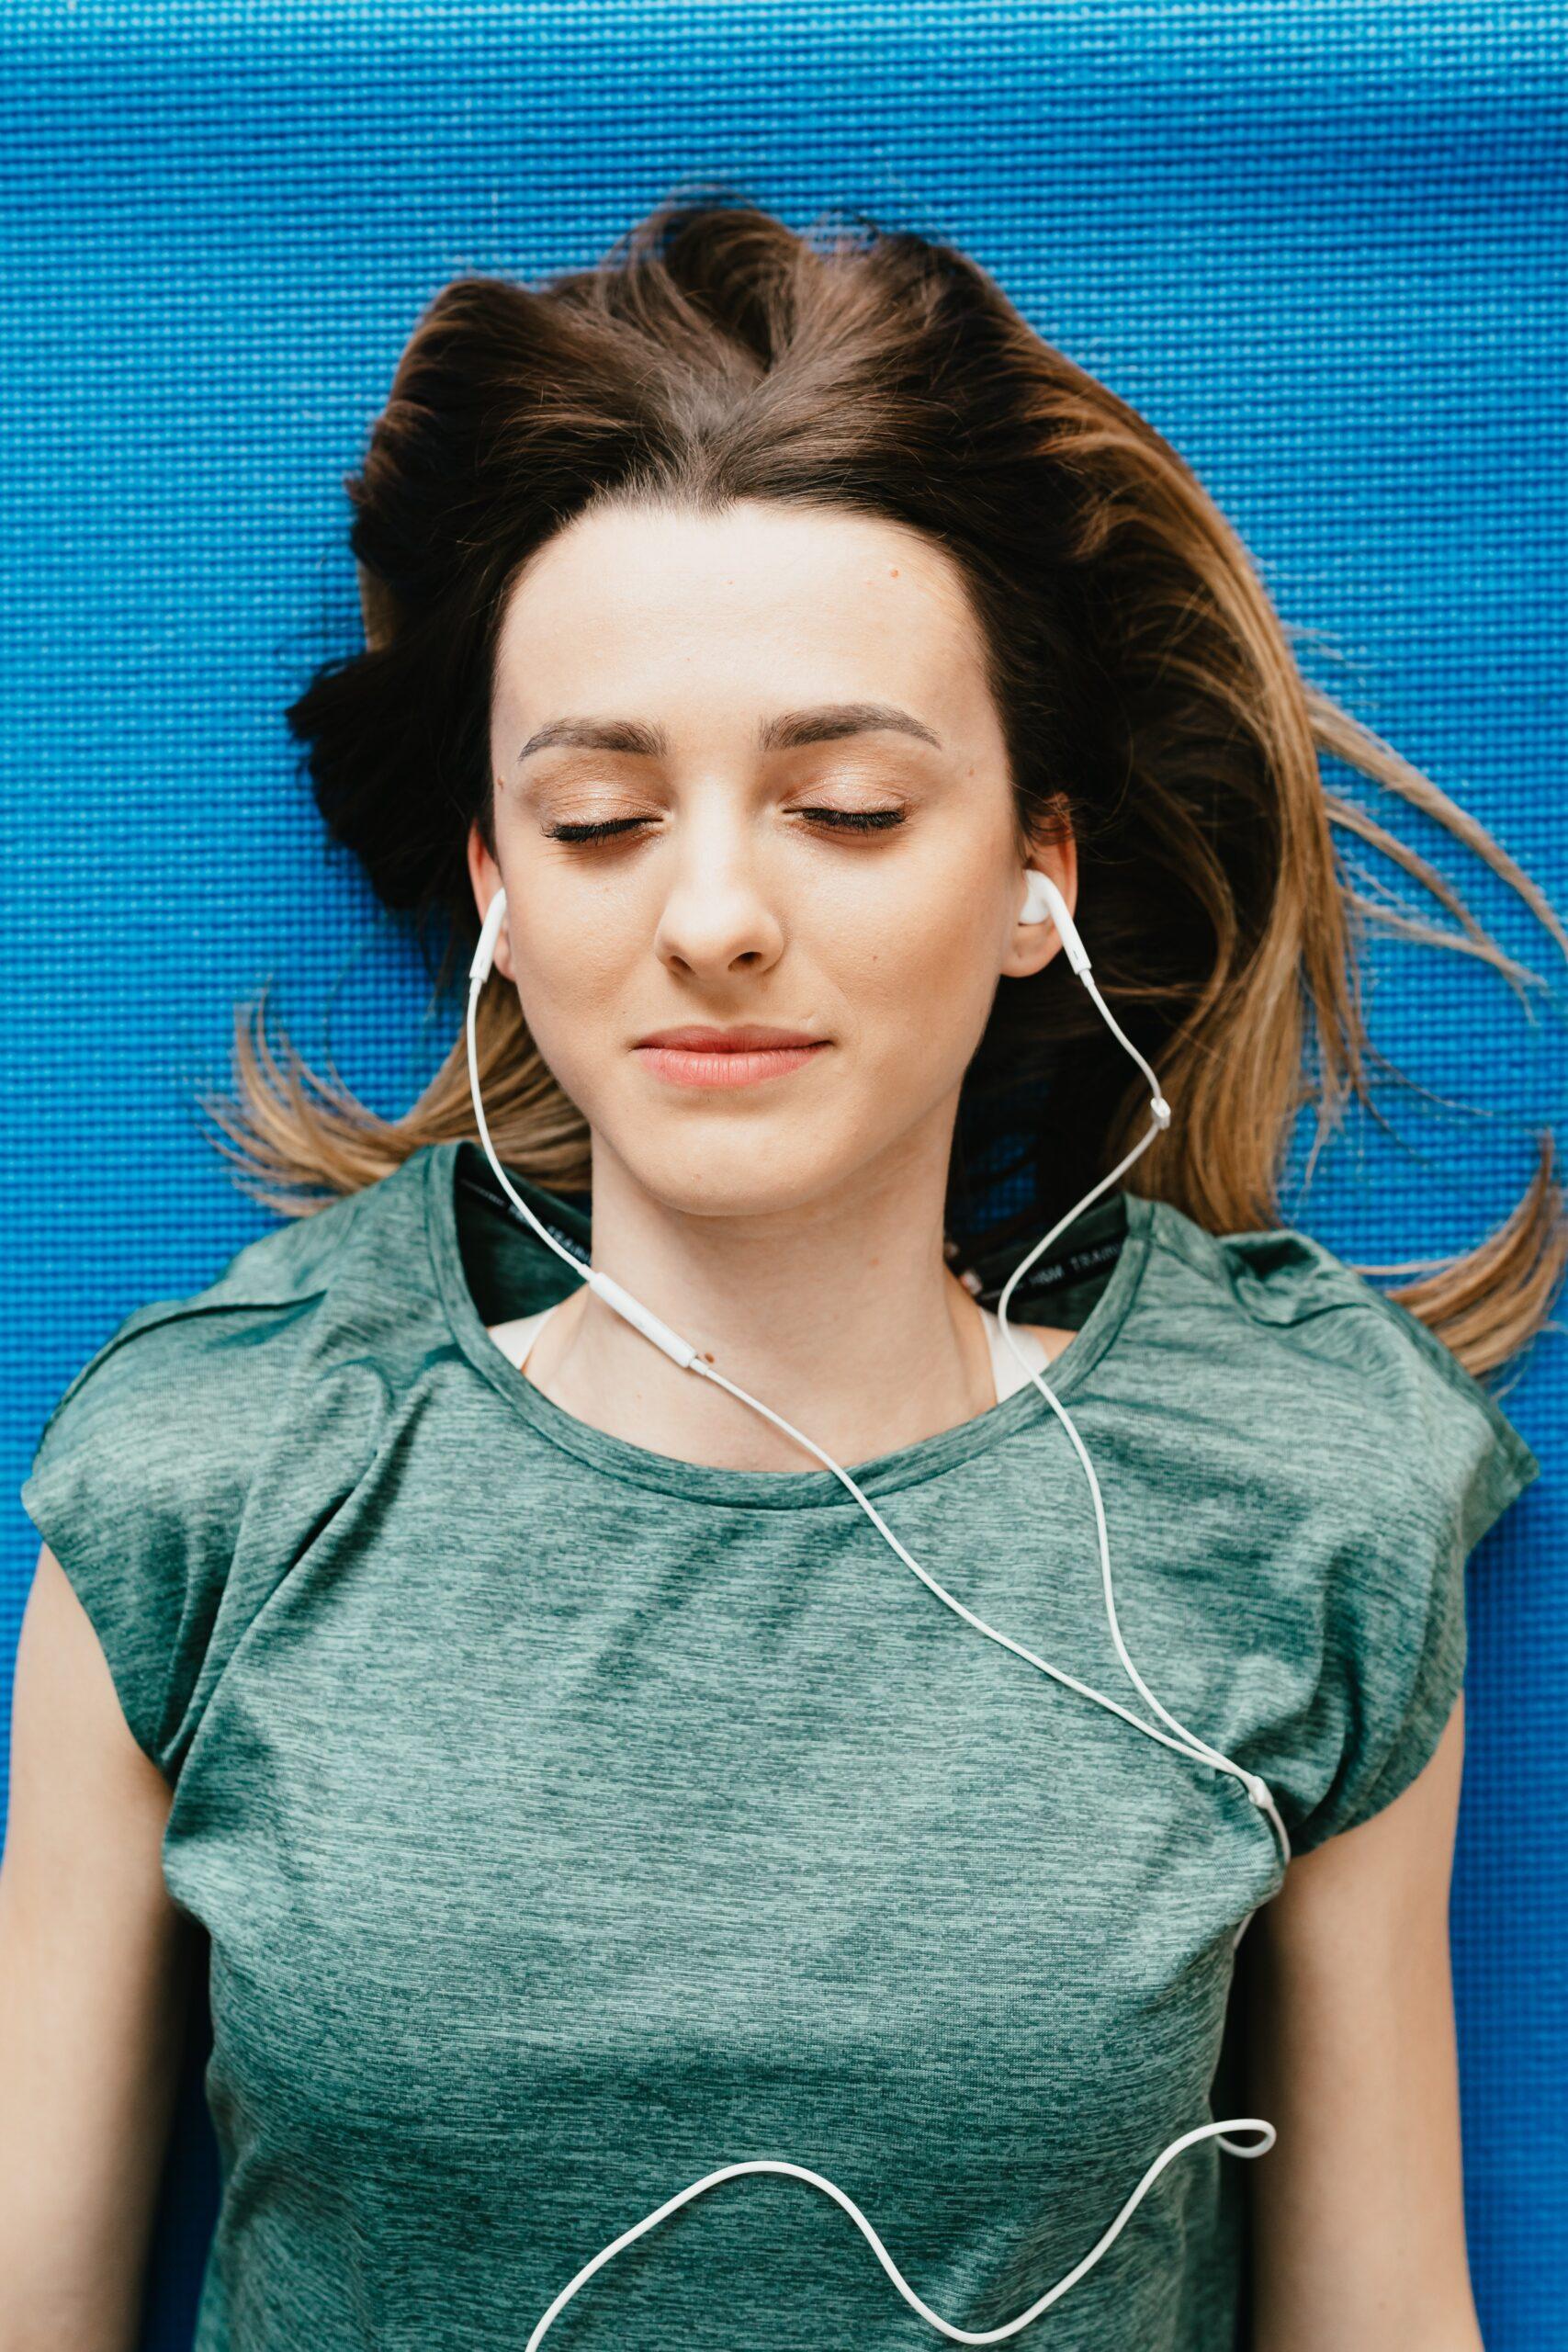 Entspannungstechniken für Zwischendurch